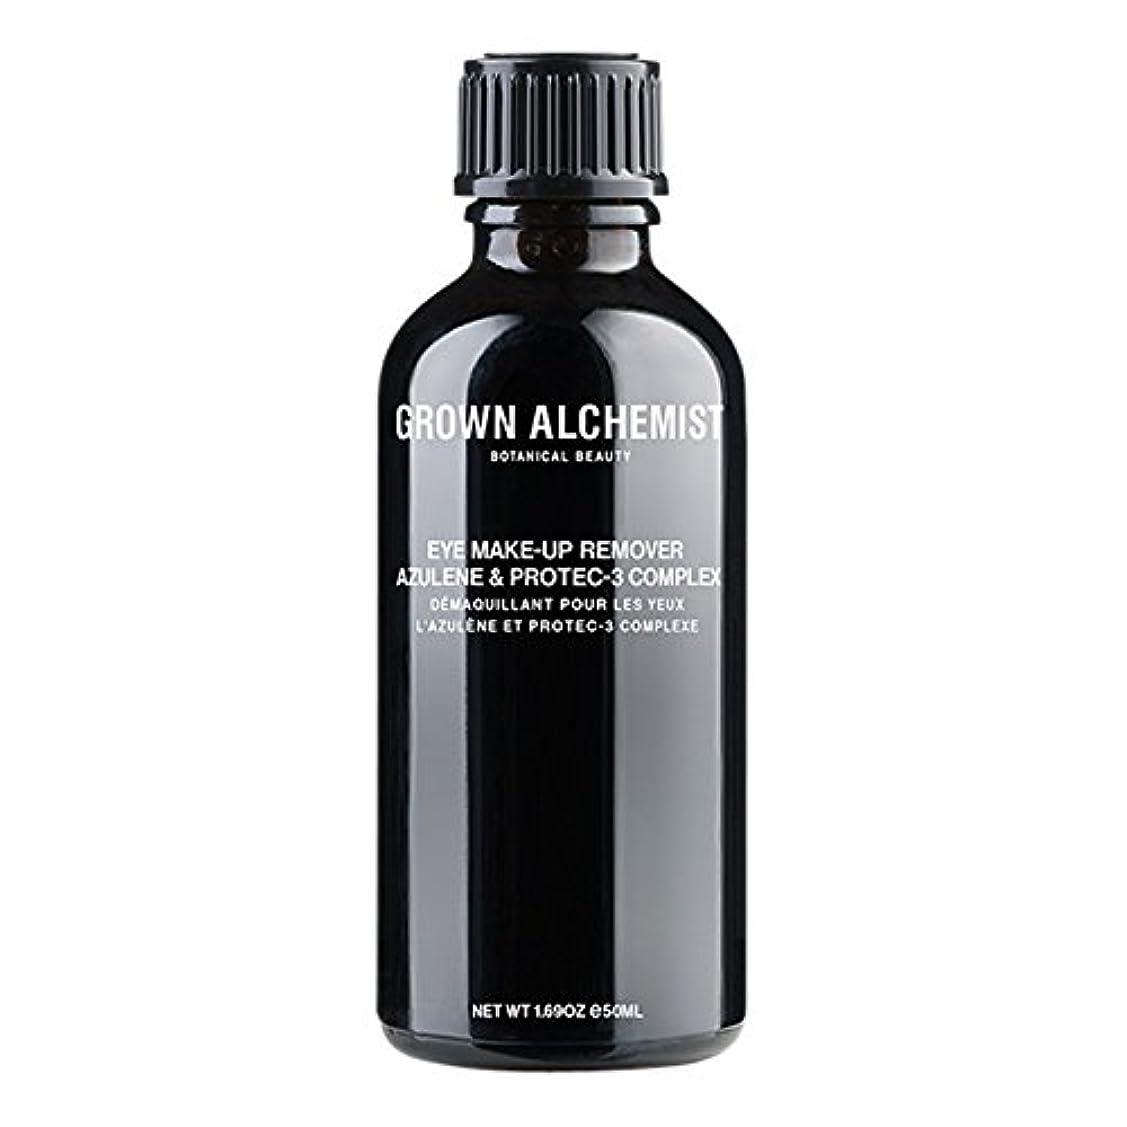 勇者狂信者対称成長した錬金術師アズレン&Protec-3アイメイクアップリムーバーの50ミリリットル (Grown Alchemist) (x6) - Grown Alchemist Azulene & Protec-3 Eye-Makeup...